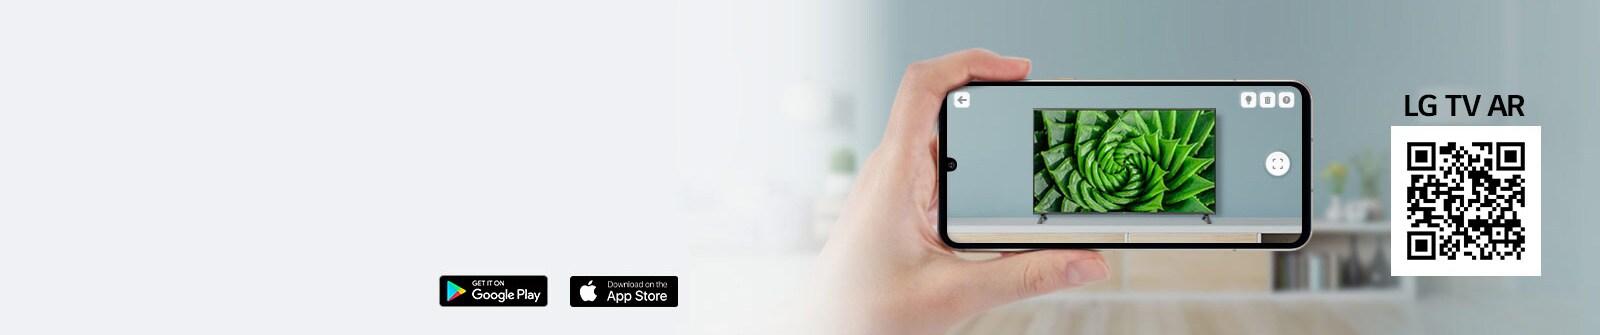 Una persona utilizando la aplicación LG TV AR en un teléfono y un código QR que se vincula a LG TV AR (http://www.lgtvism.com/lgtvar)